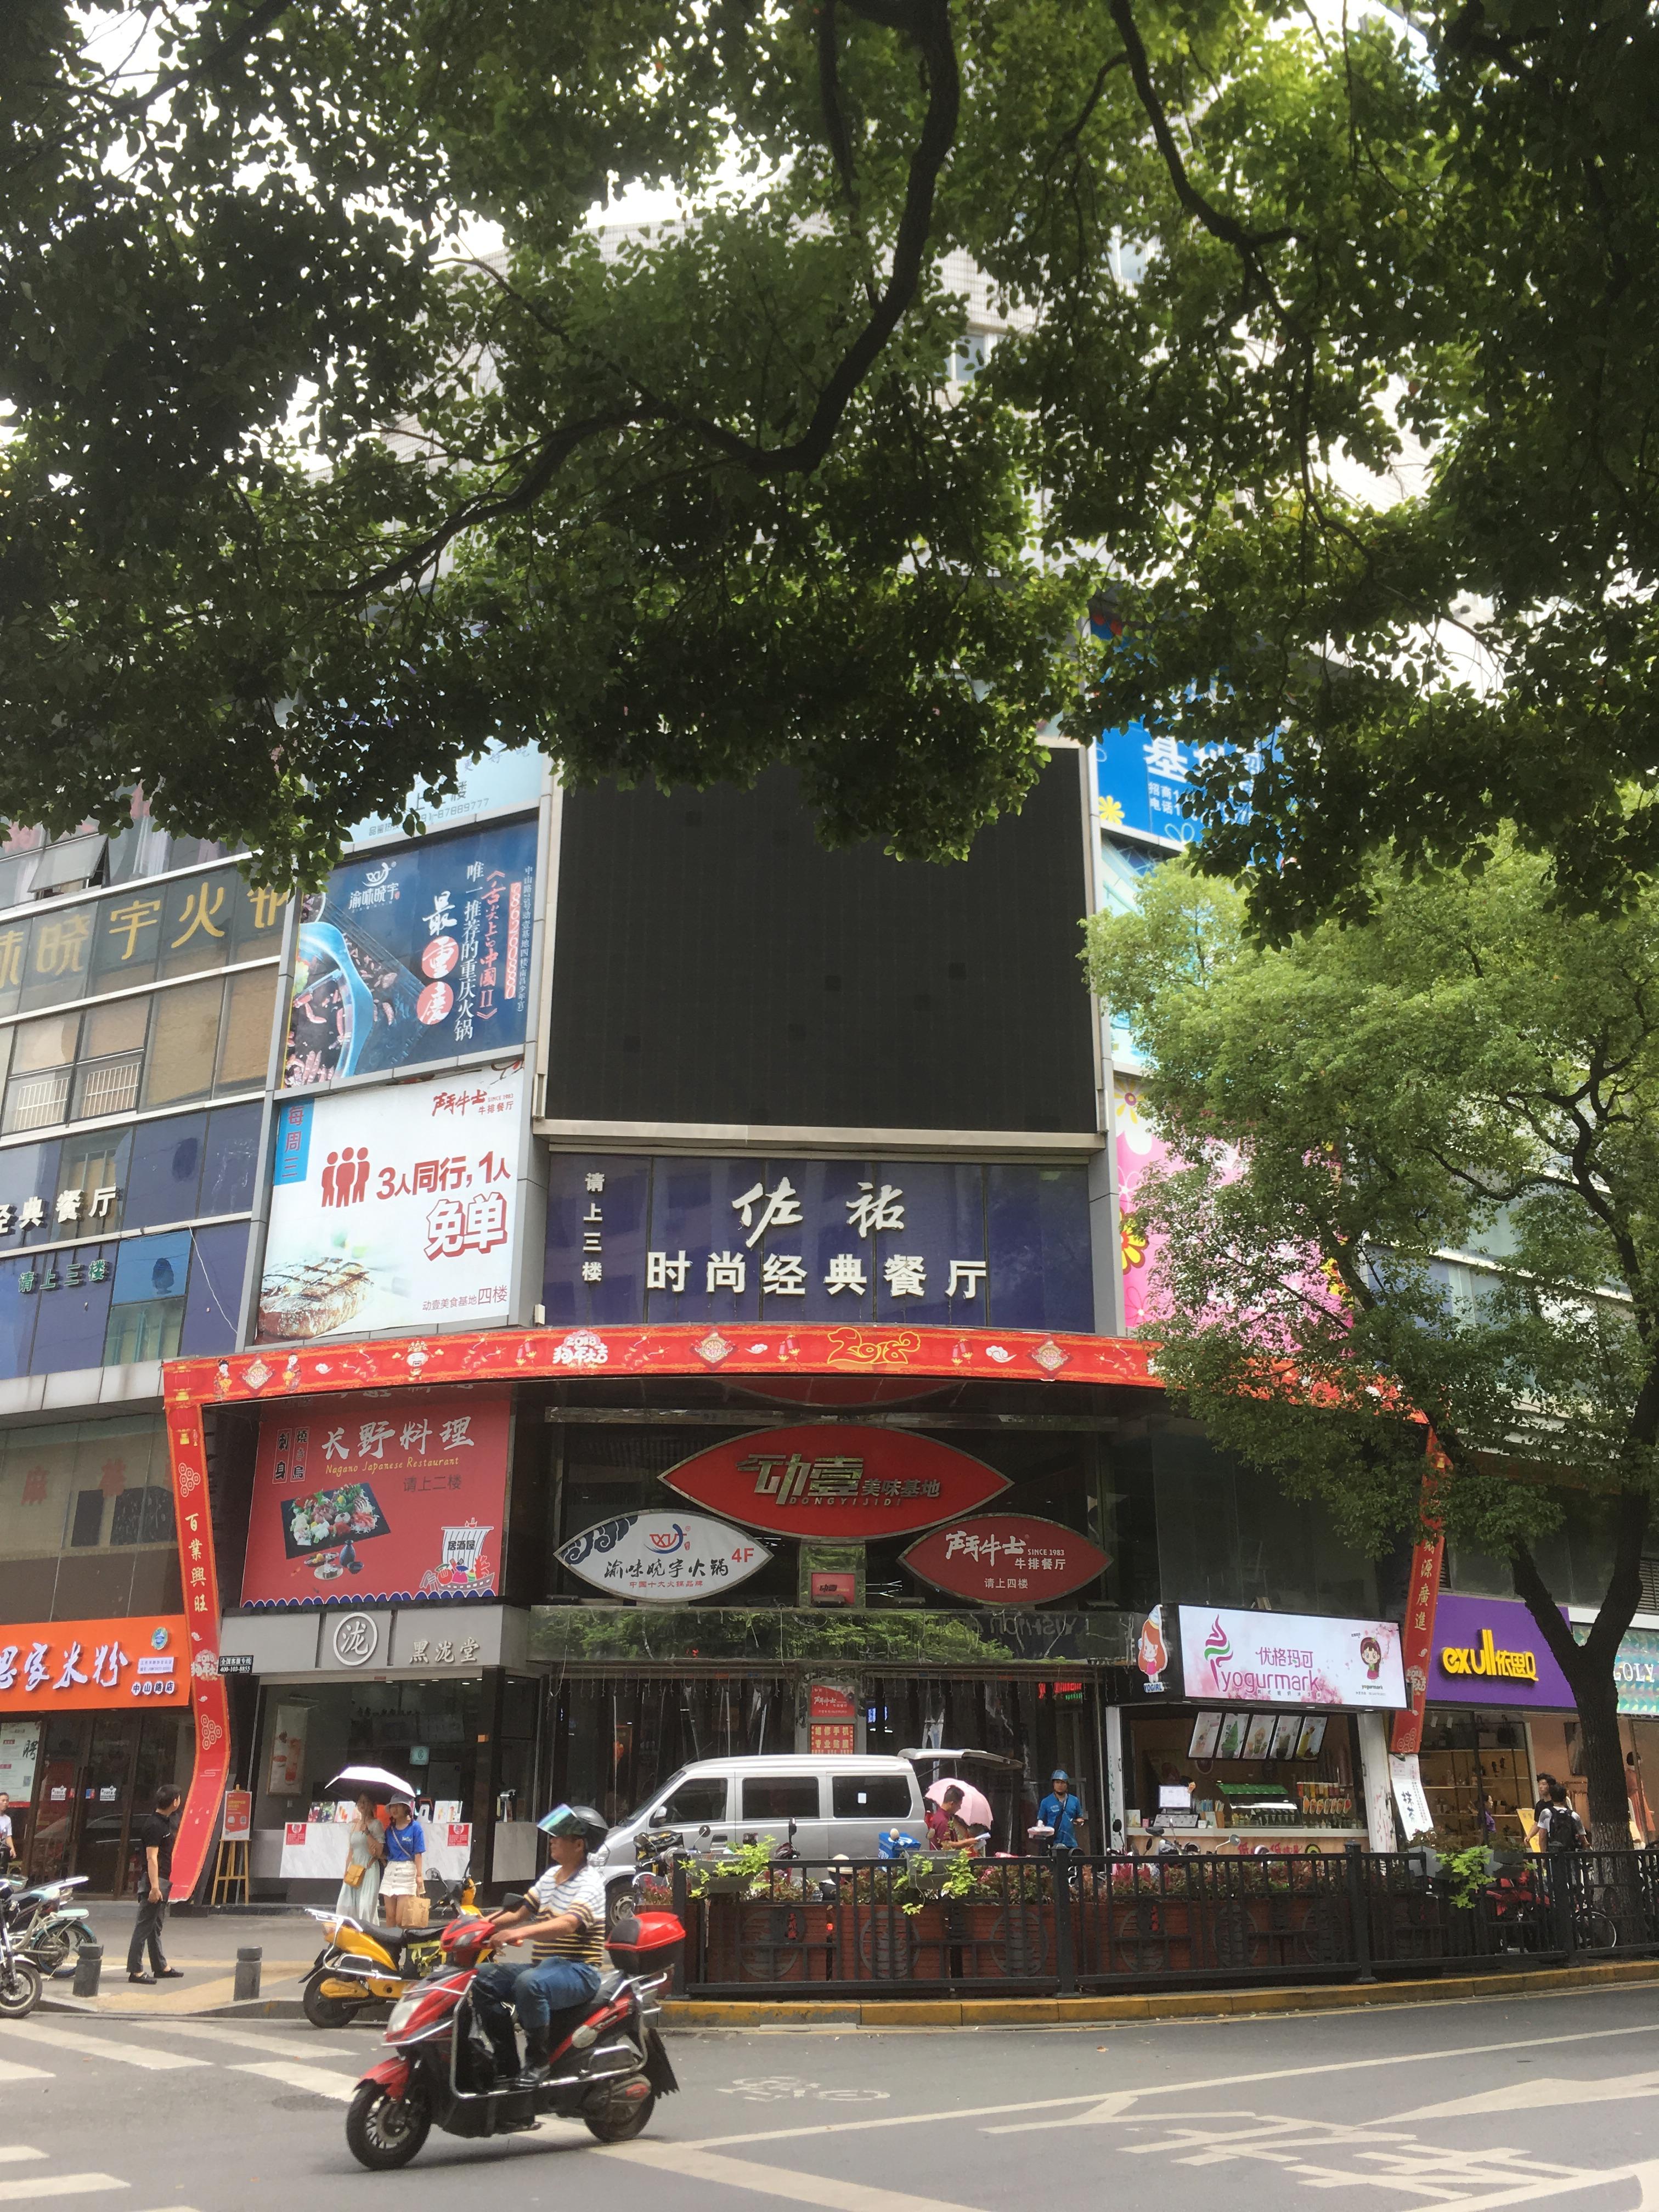 南昌动壹美食基地(少年宫店)